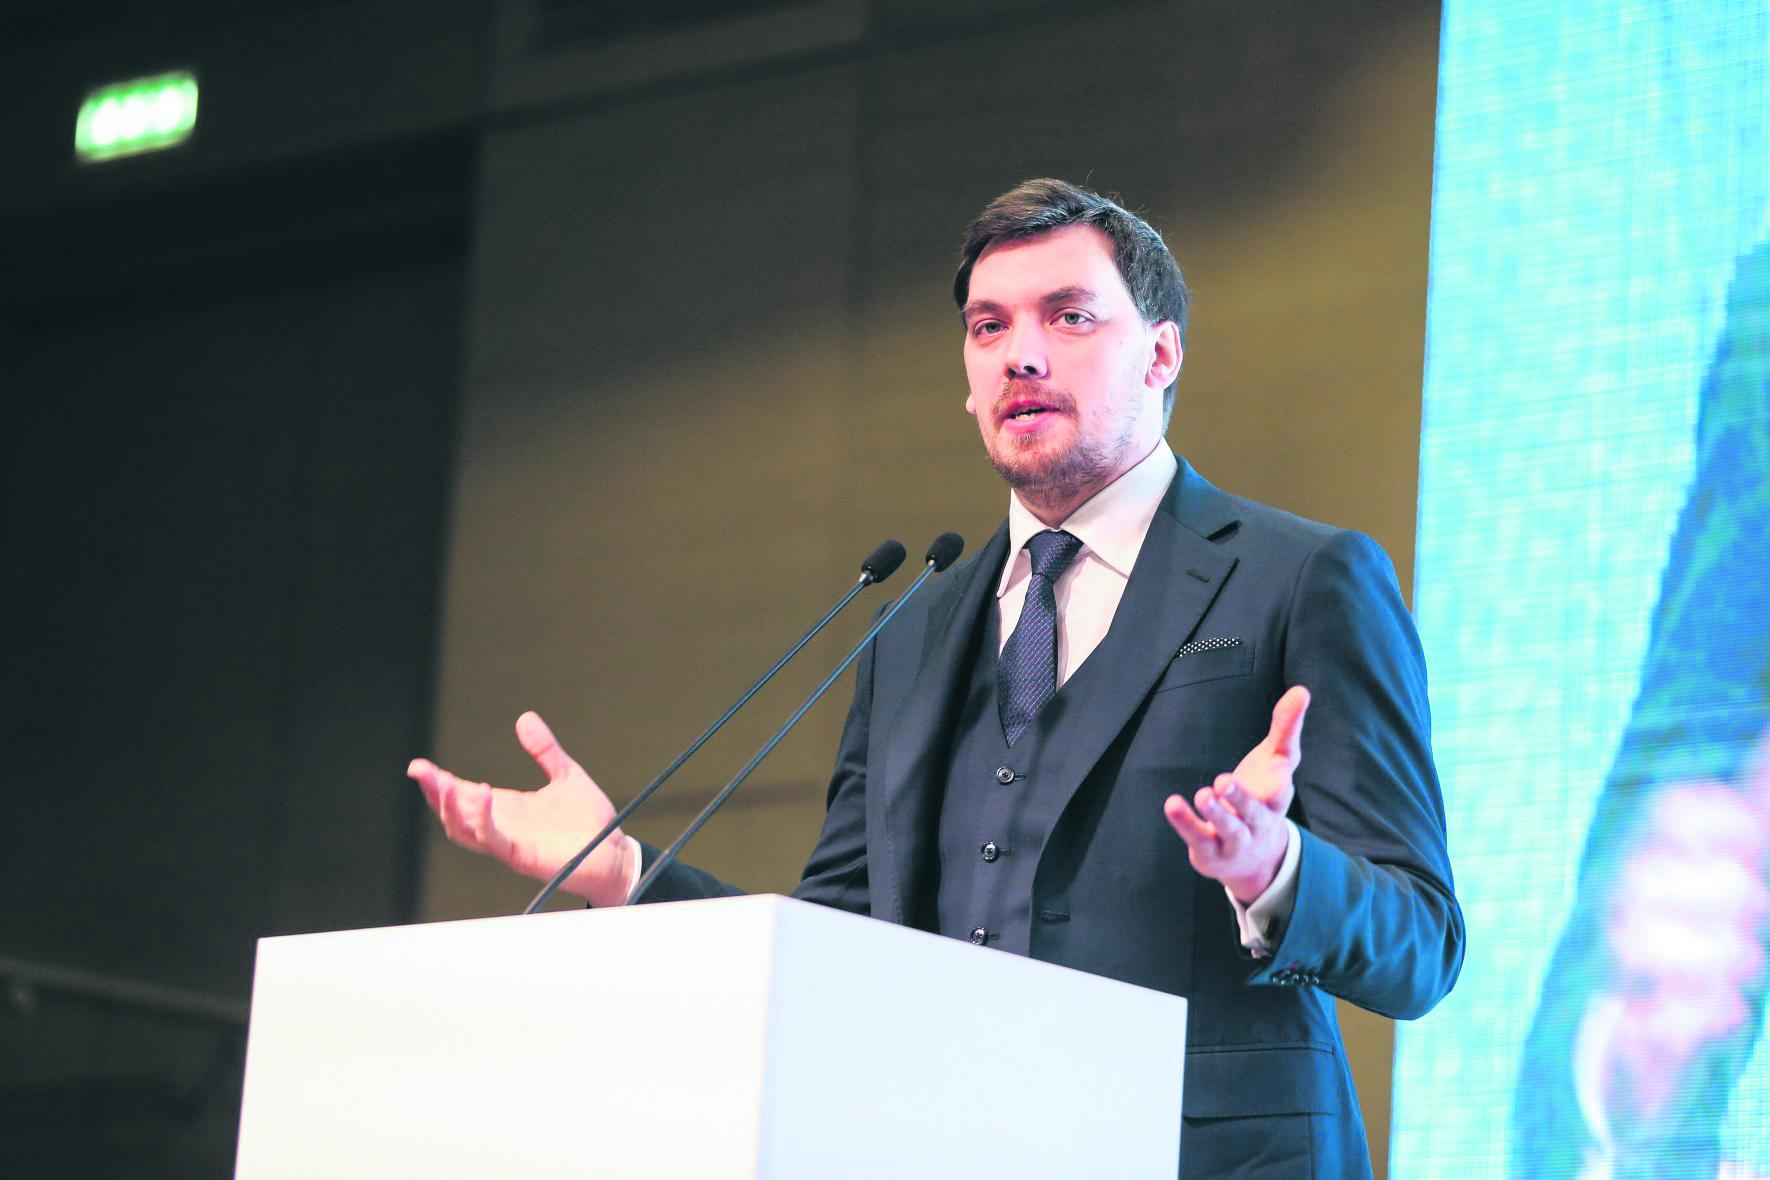 Официально: премьер Гончарук подал Зеленскому заявление об отставке